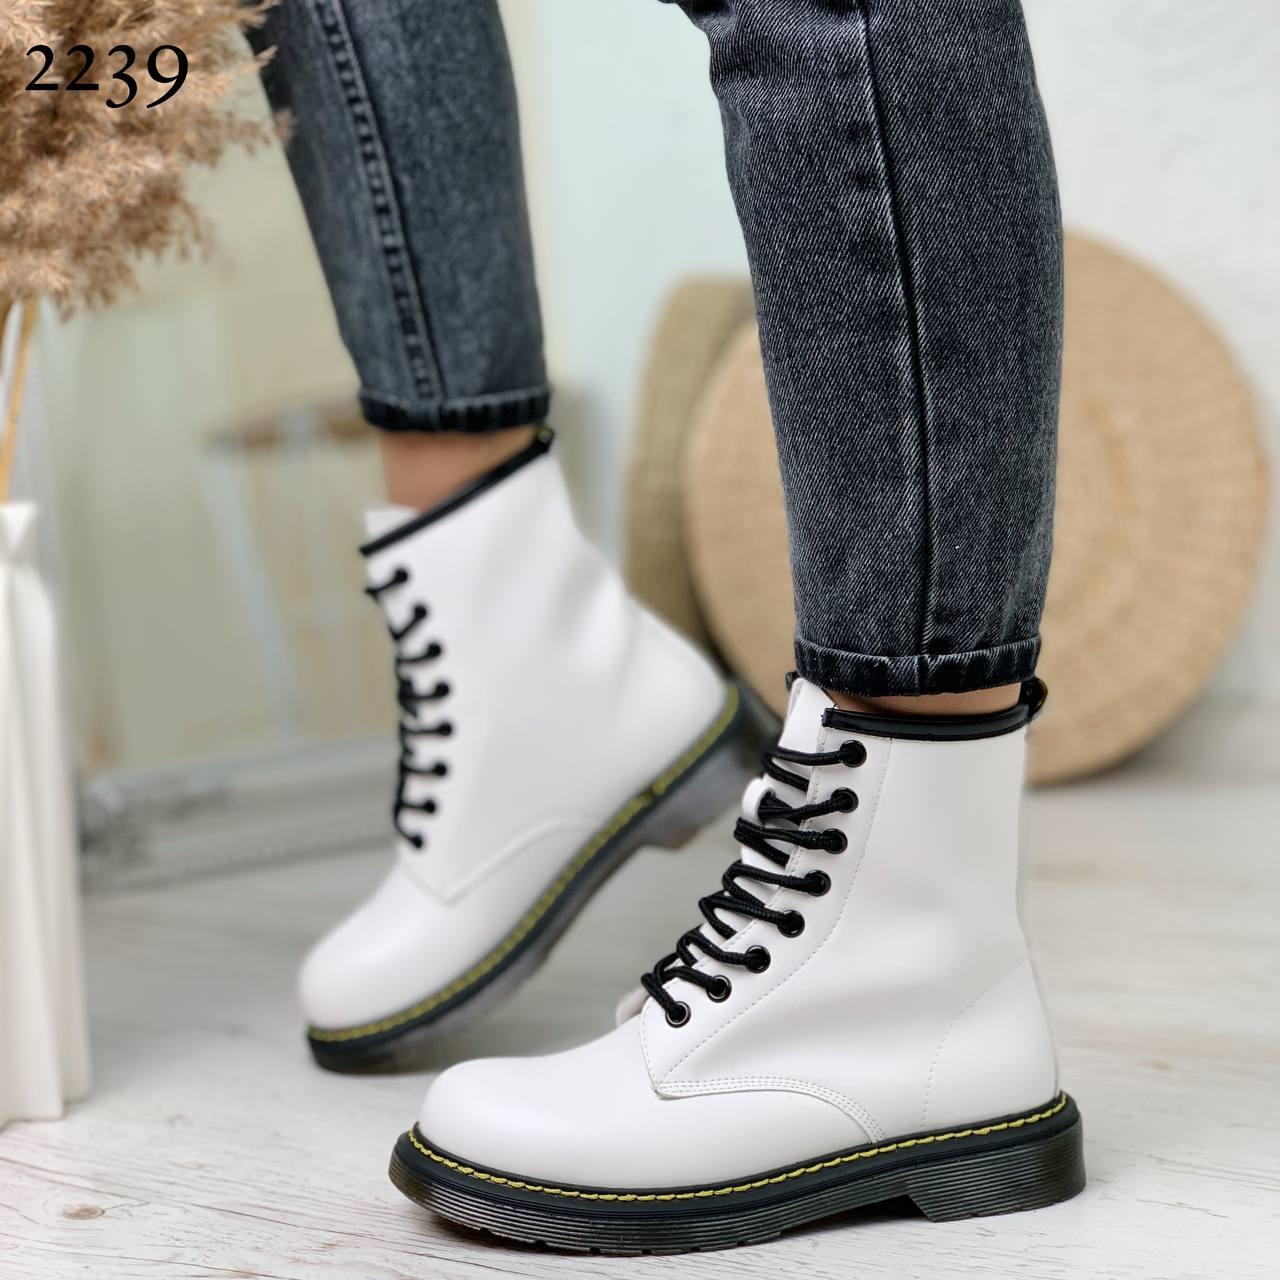 Жіночі черевики ДЕМІ білі еко шкіра весна/ осінь